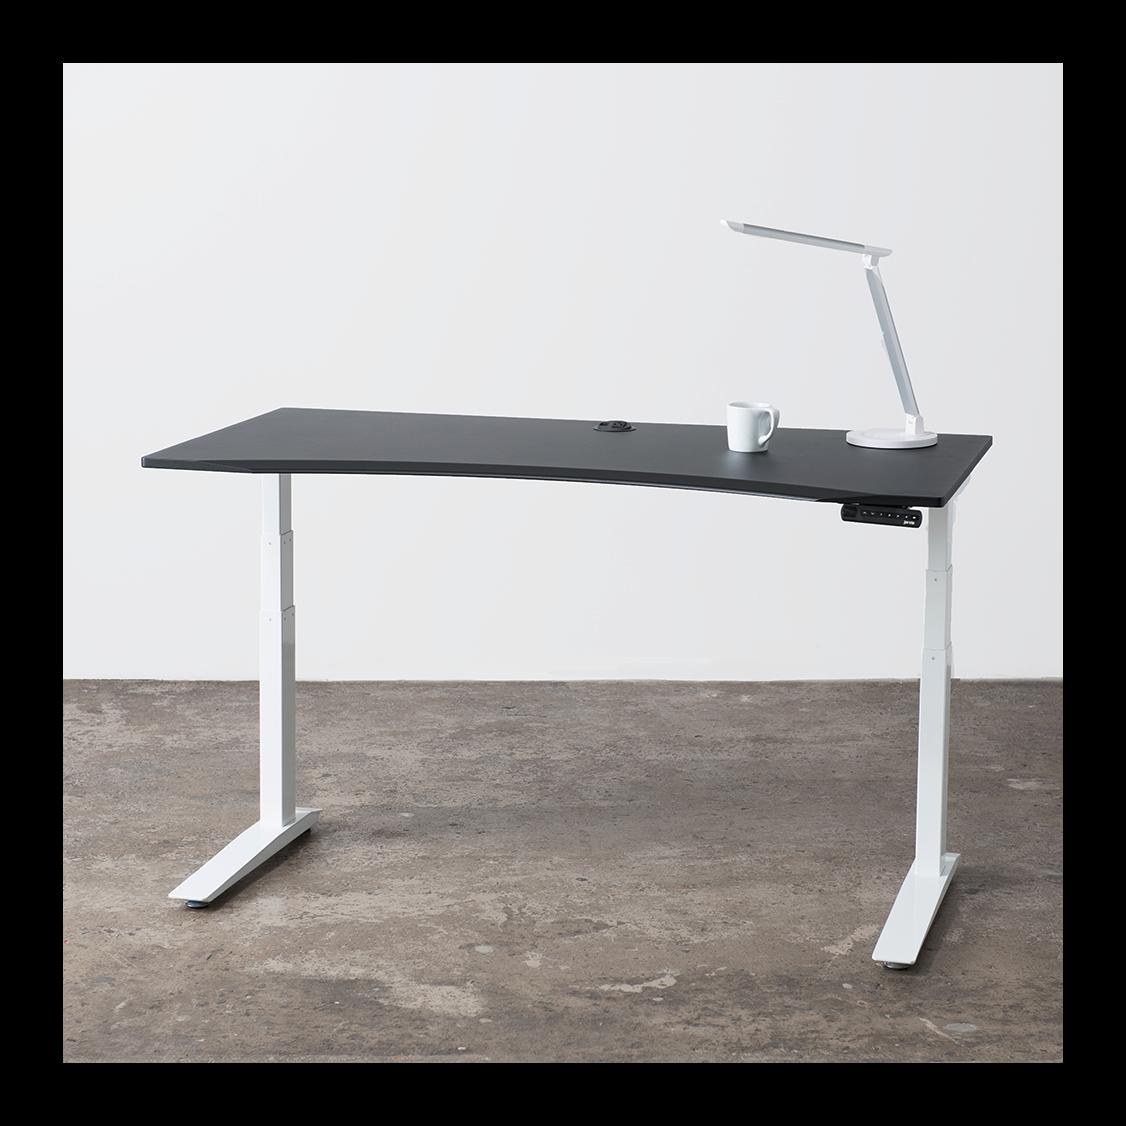 Jarvis Powdercoat Adjustable Standing Desk | Ergo Depot | Ergo ...